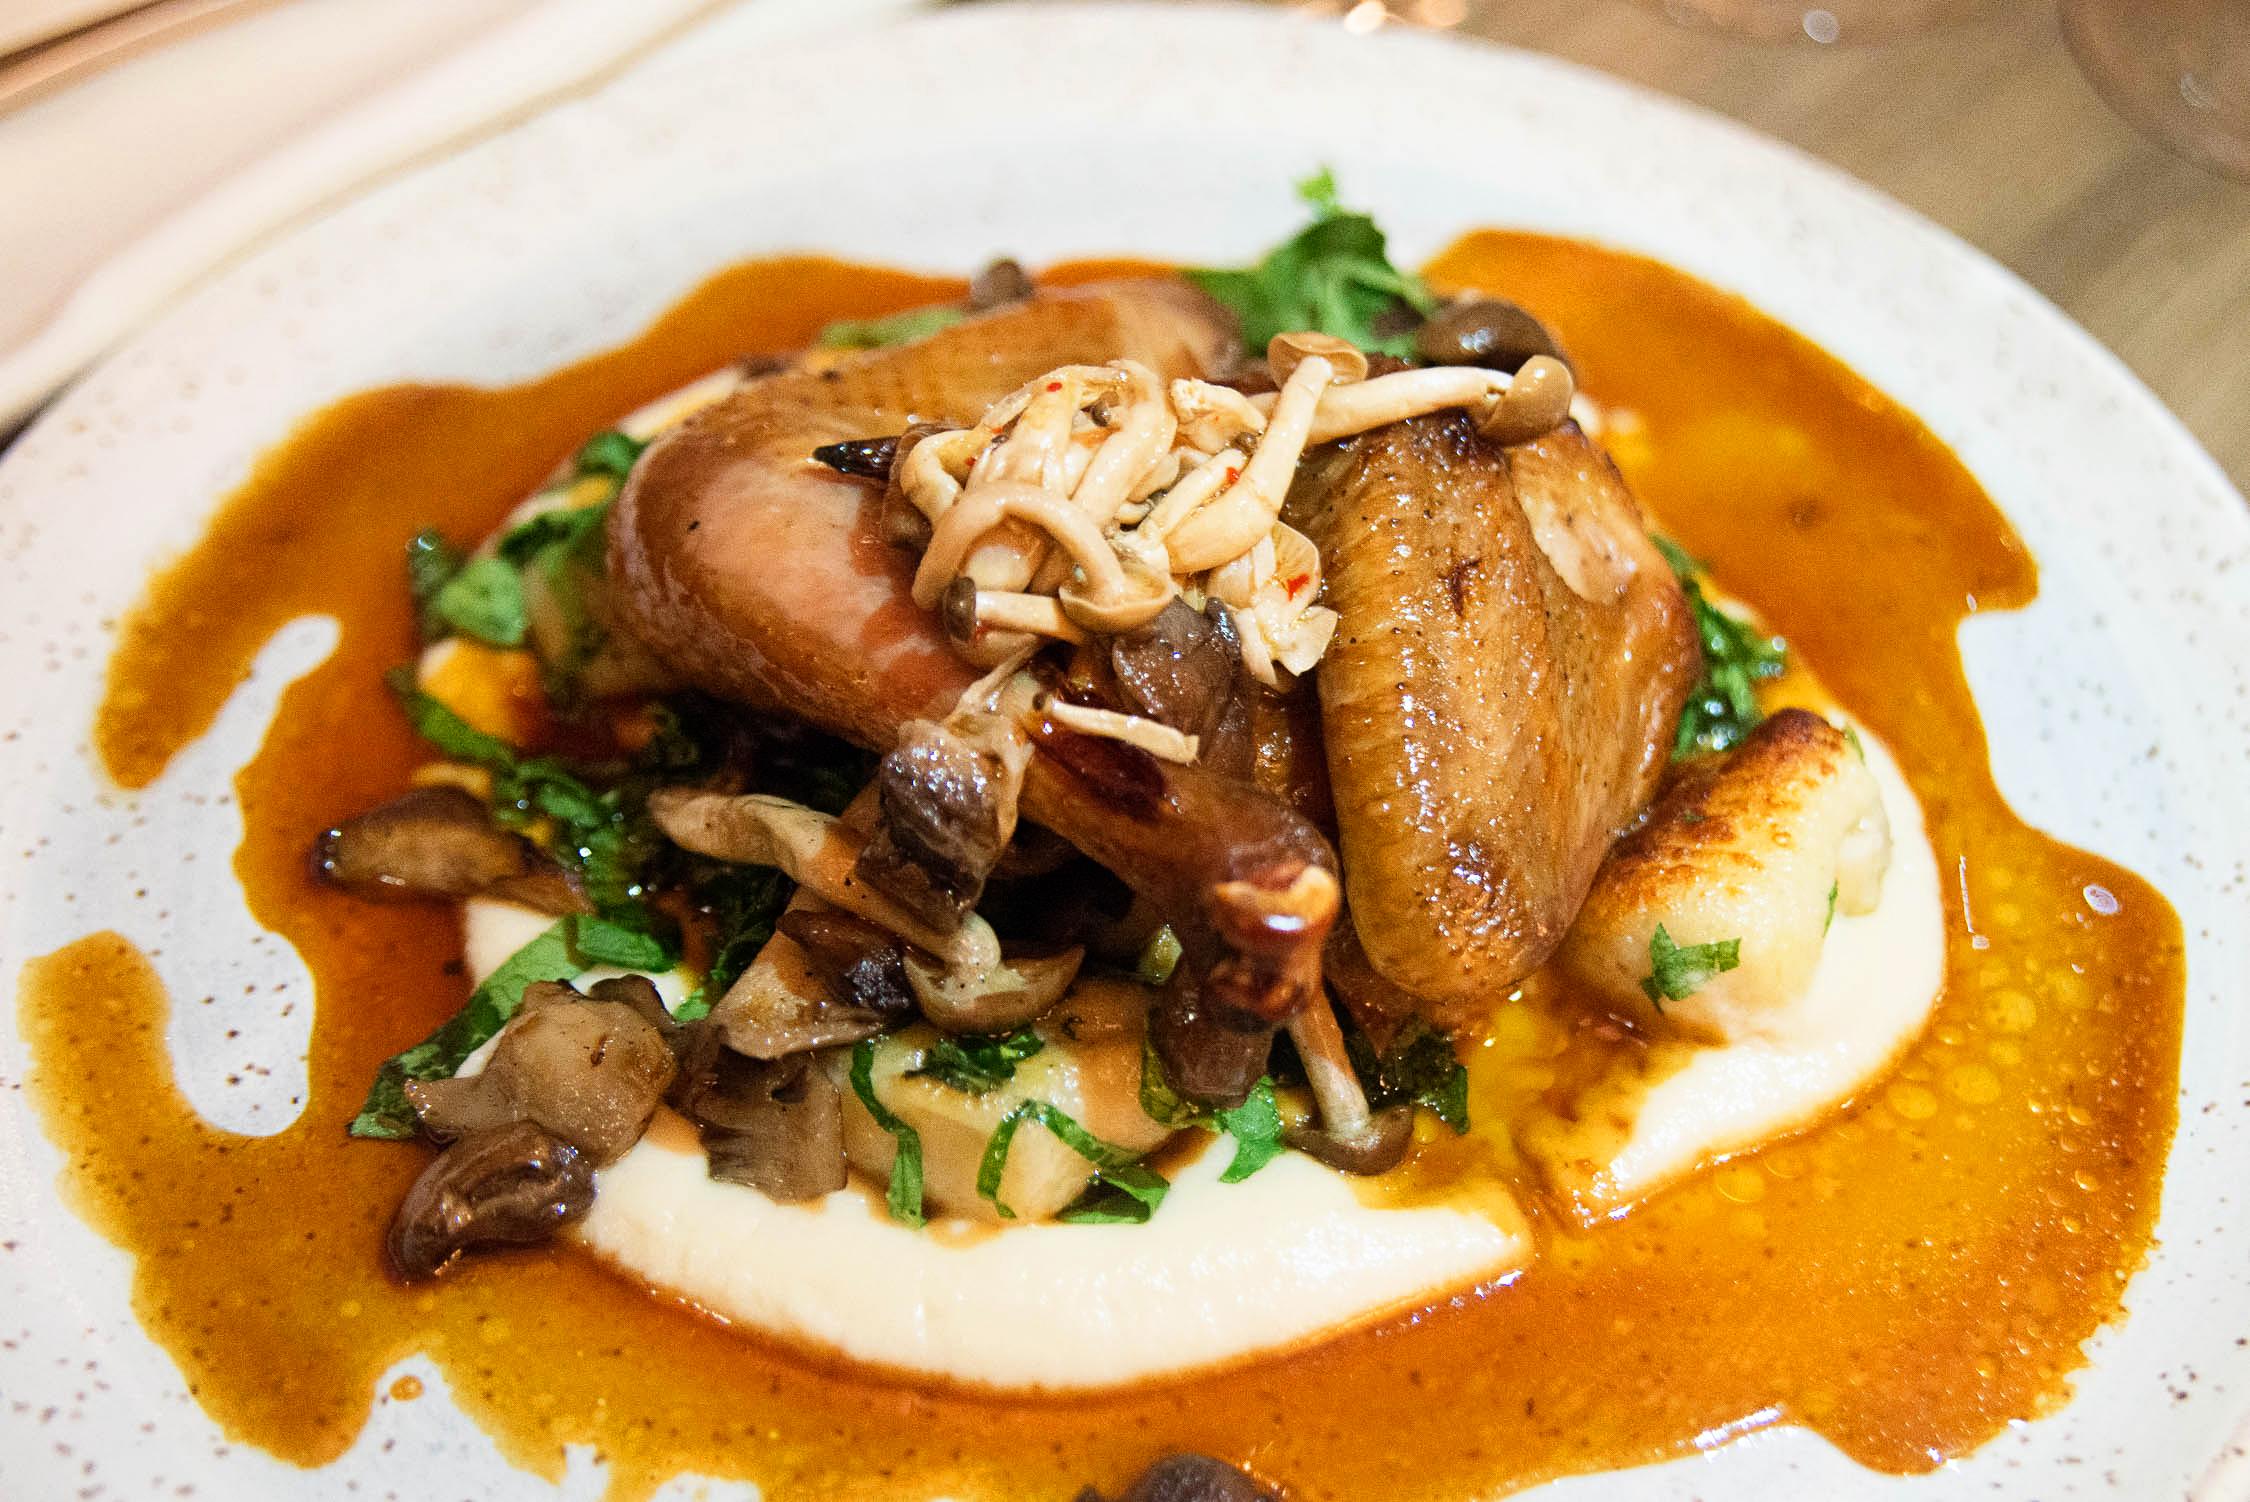 I Love That For You - Parcel 32 Pork Chop